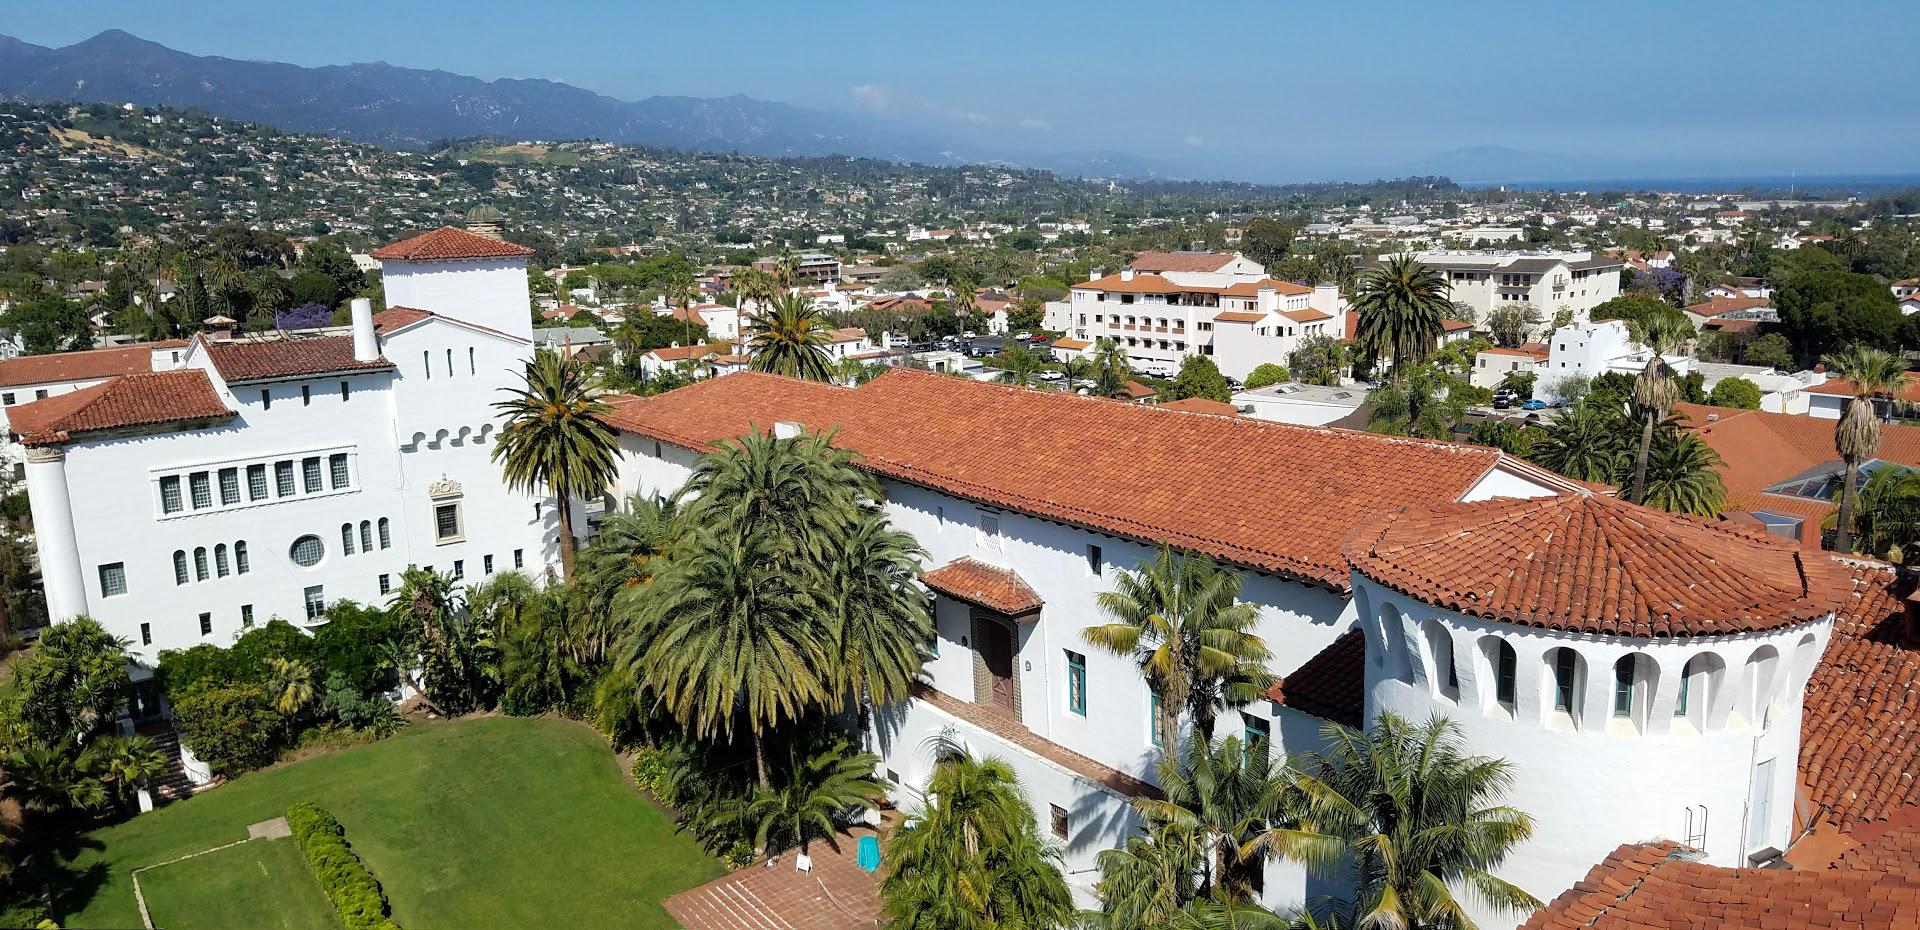 Indivisible Santa Barbara